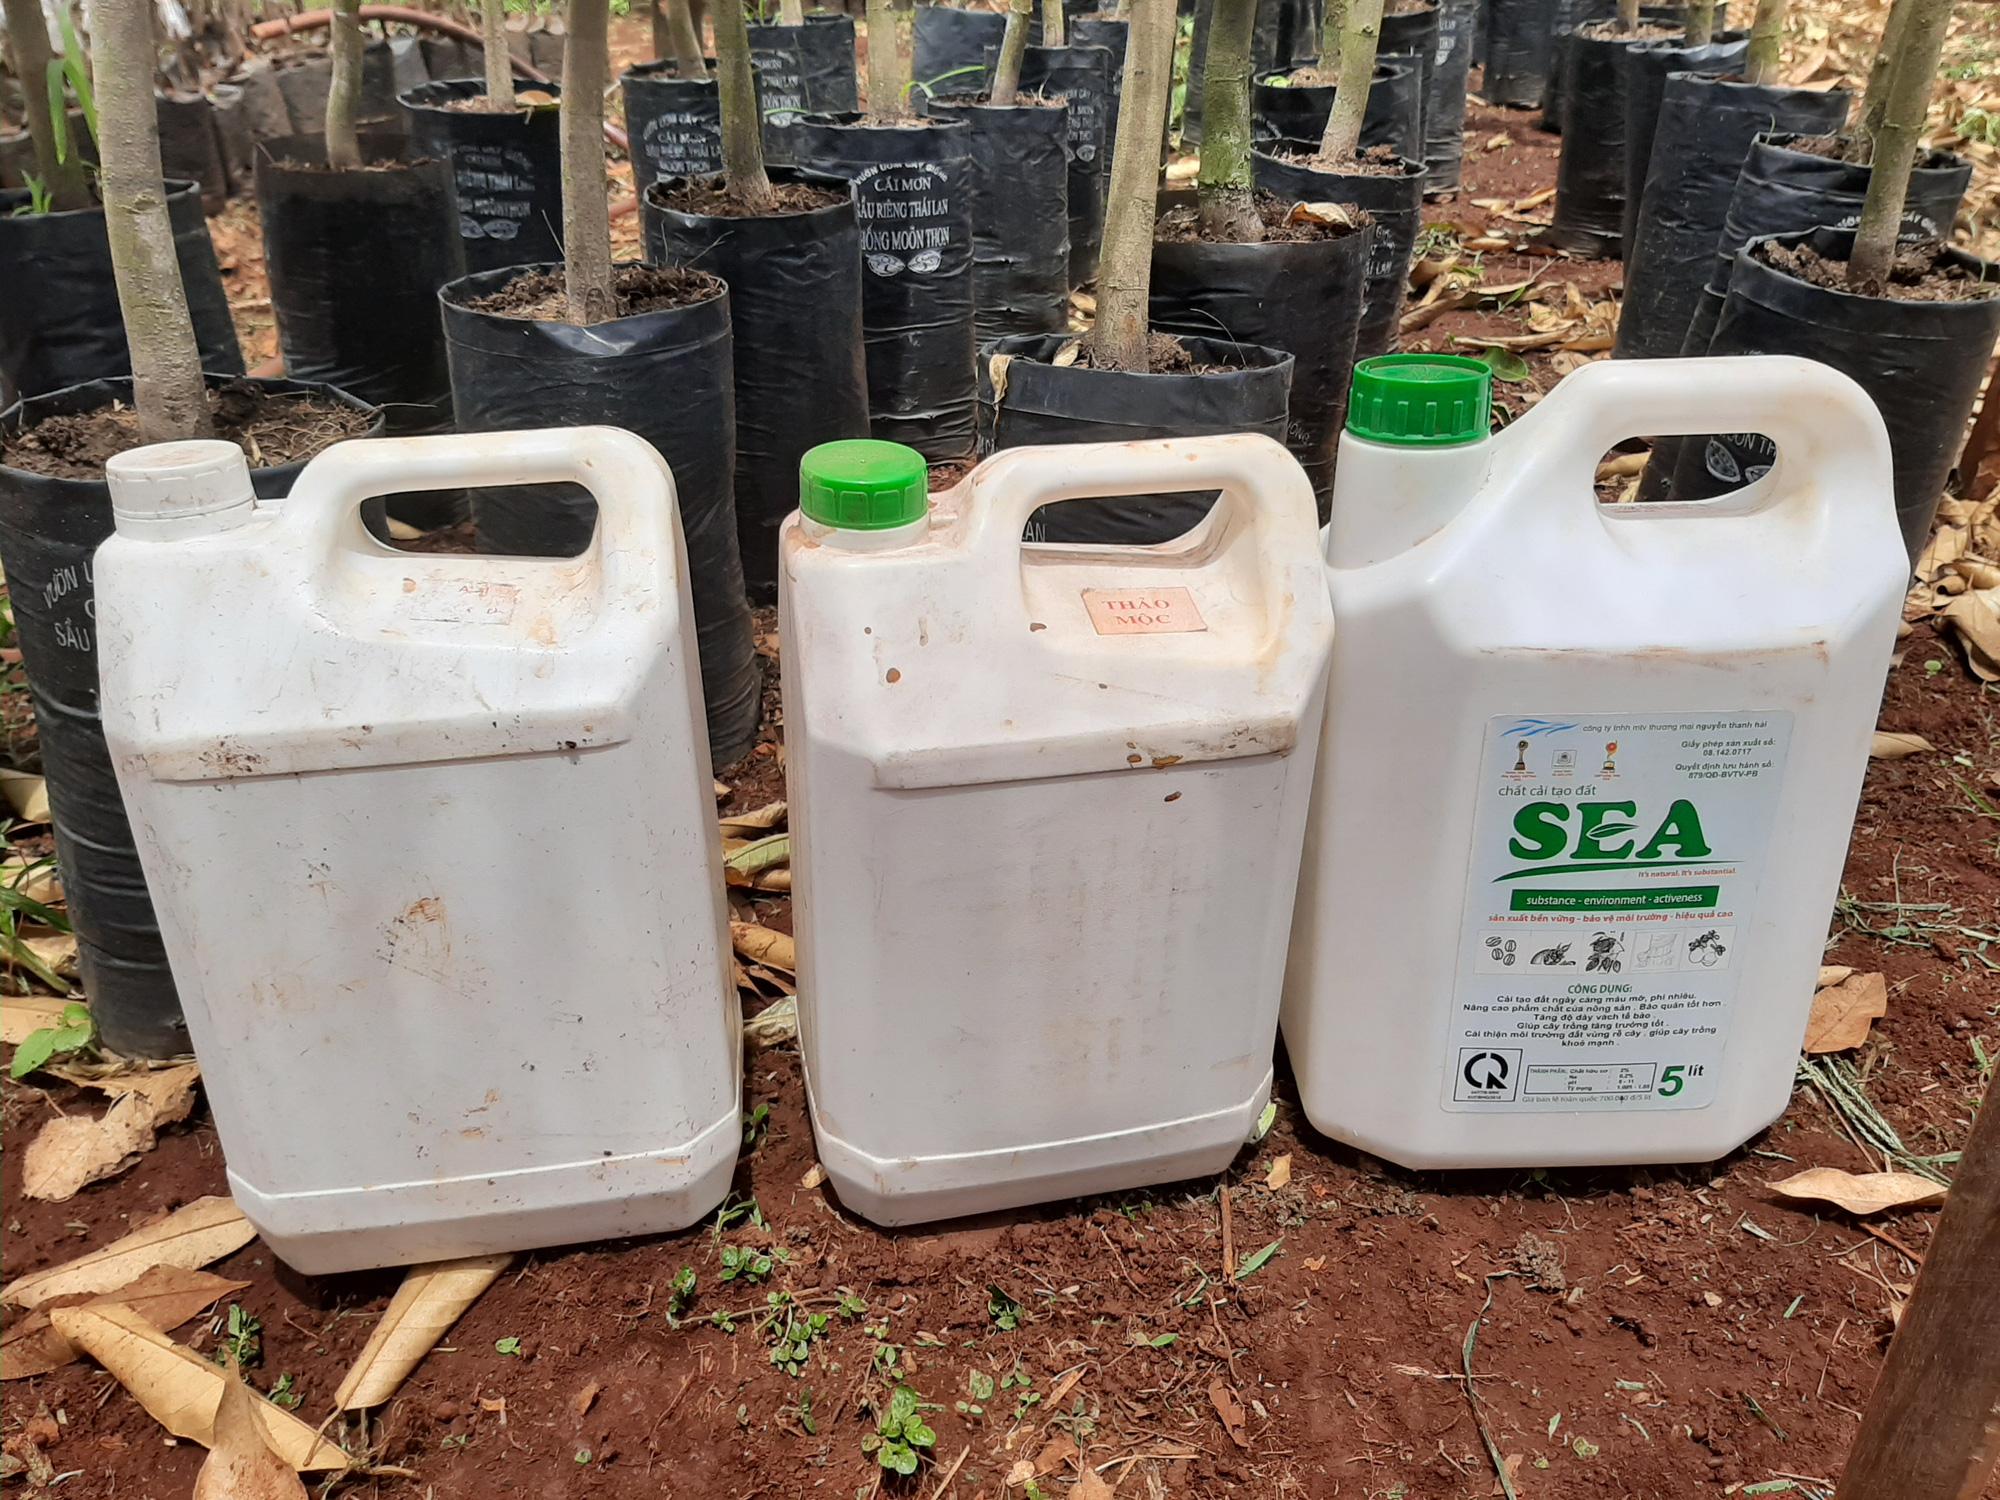 Tây Nguyên:  Cây trồng chết la liệt khi bón phân của Công ty ở TP.HCM - Ảnh 2.